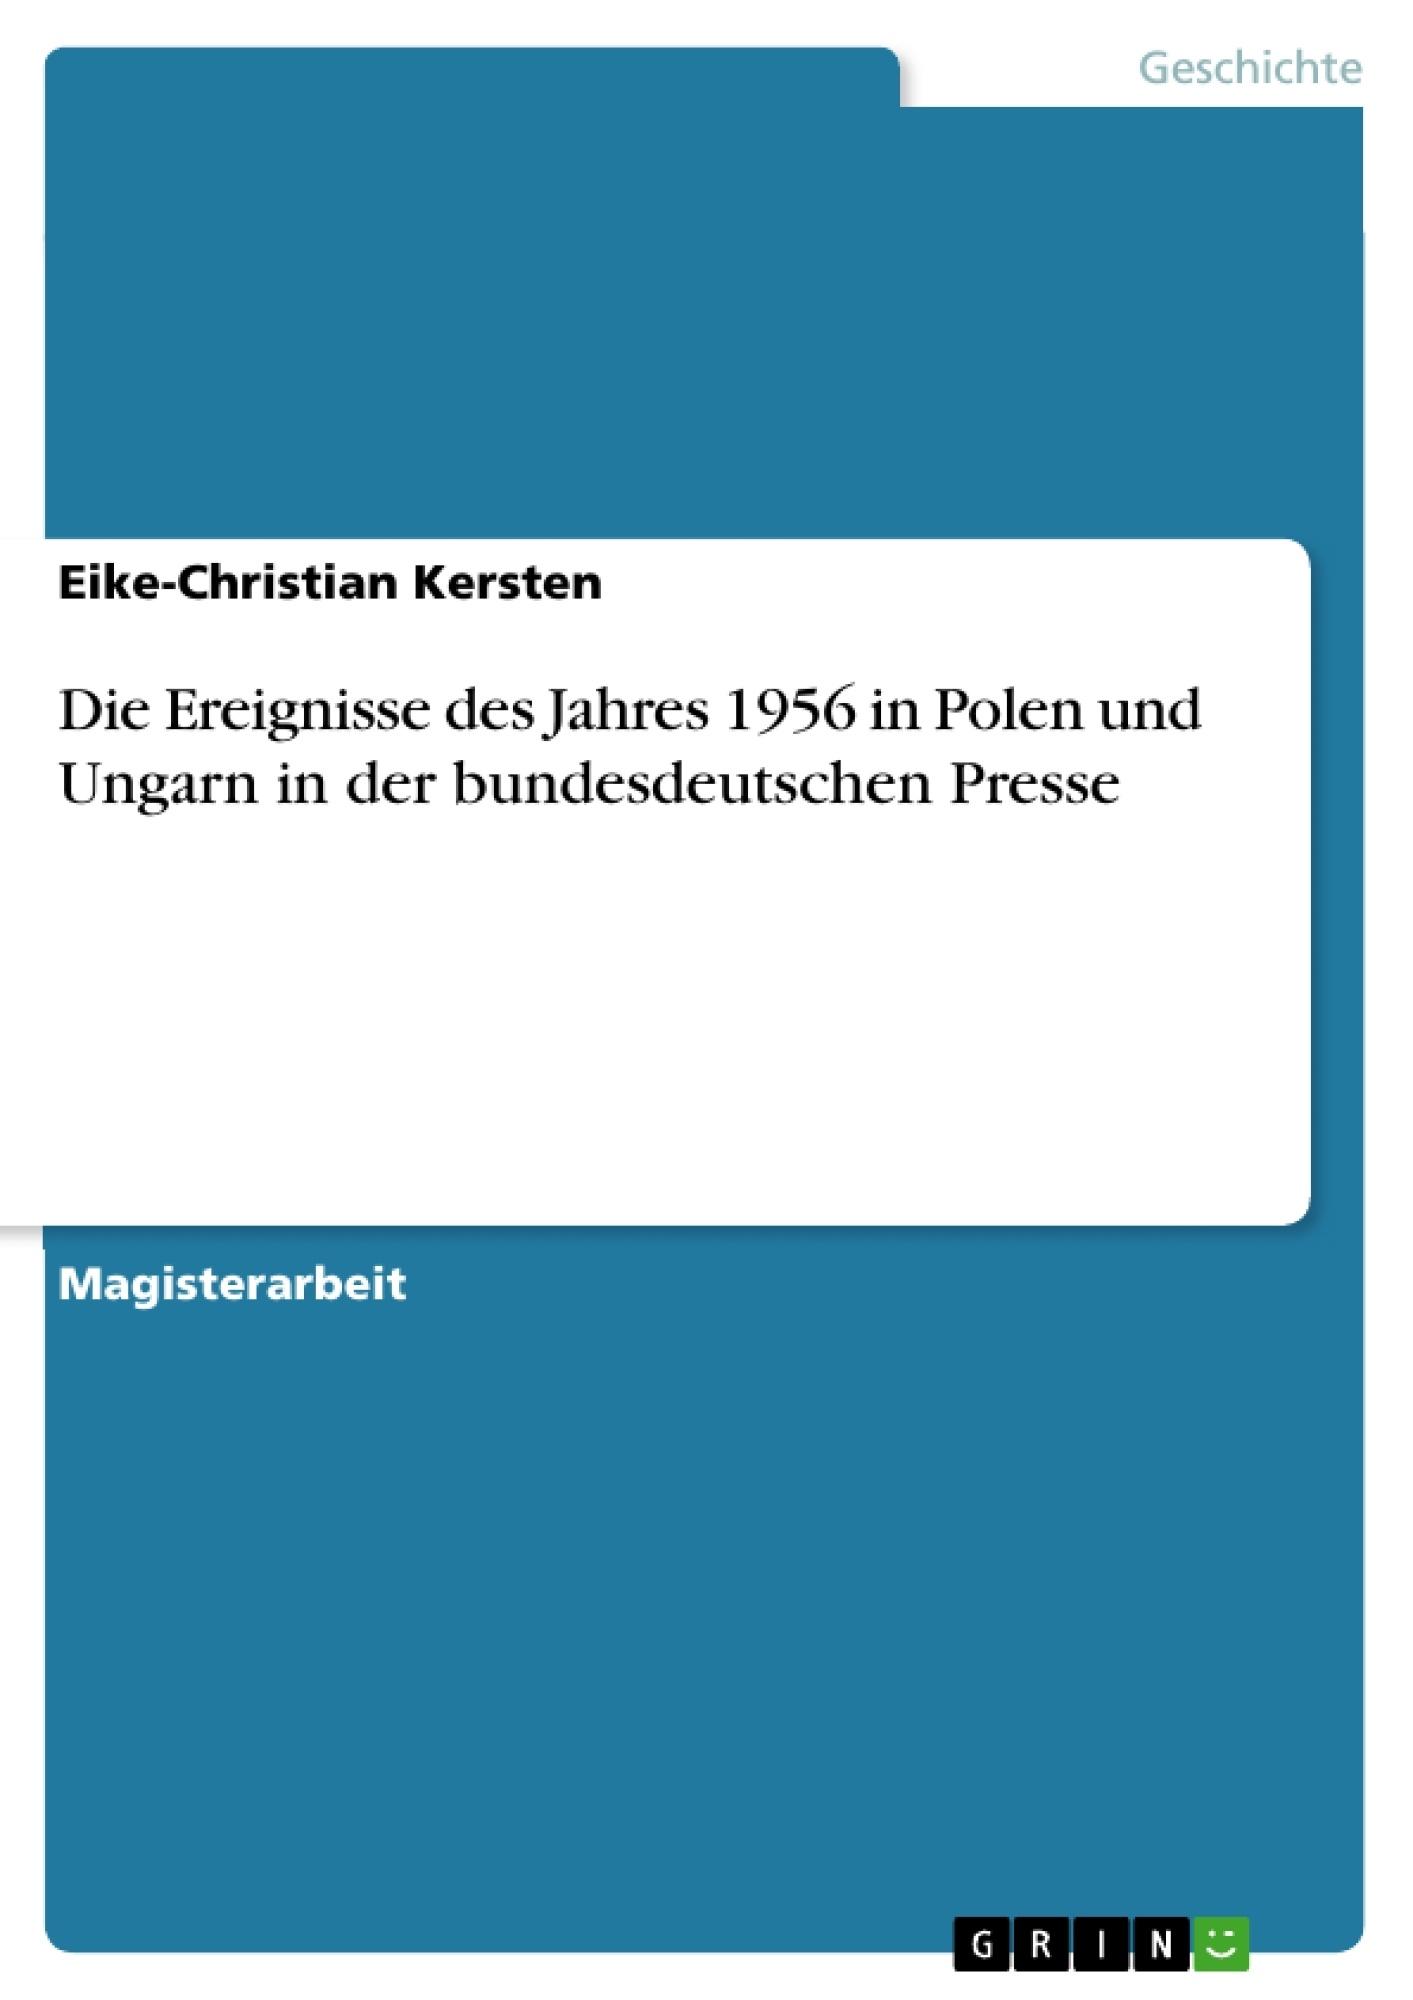 Titel: Die Ereignisse des Jahres 1956 in Polen und Ungarn in der bundesdeutschen Presse